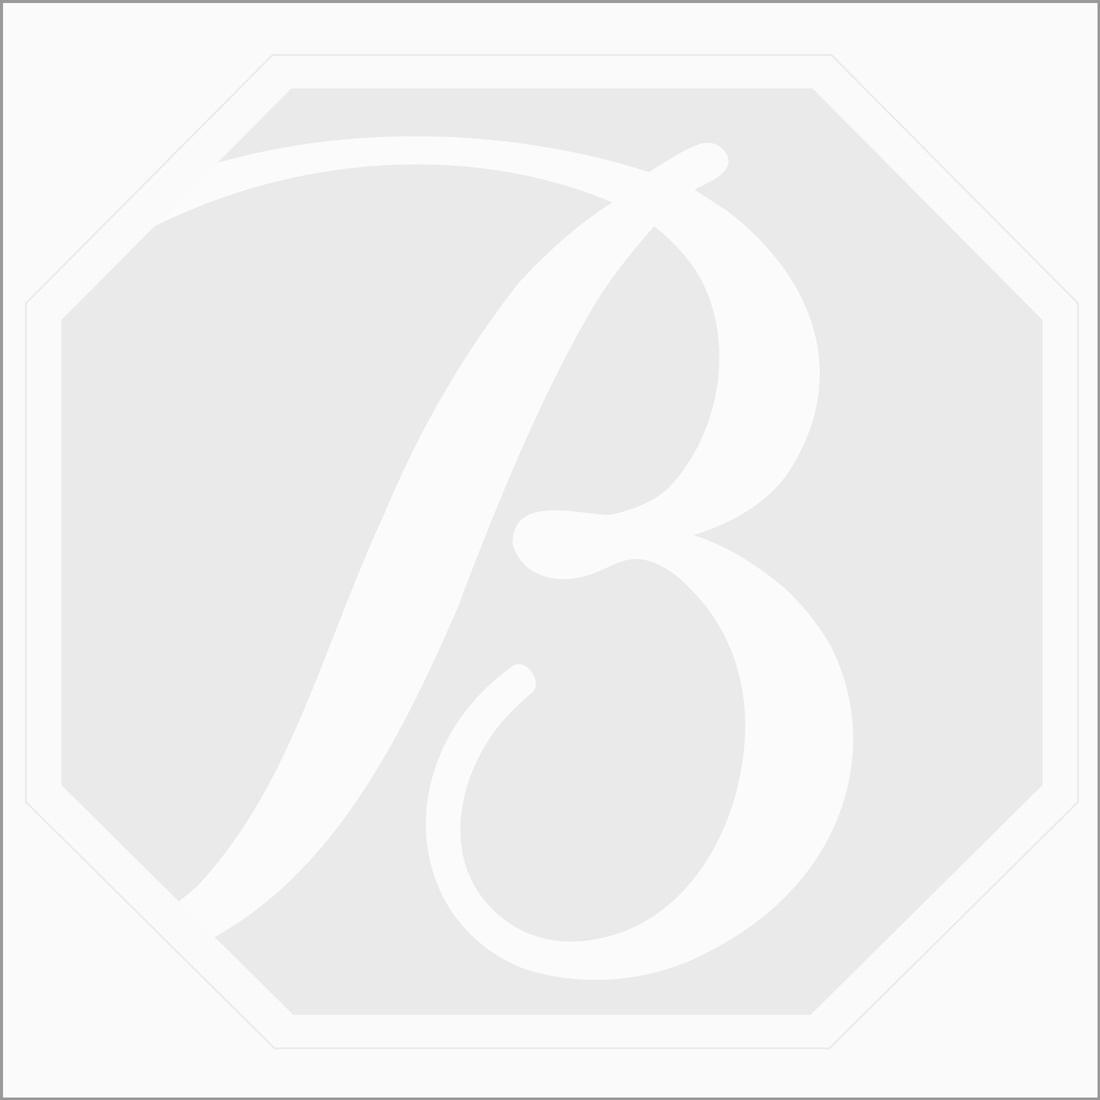 1 Piece - Dark Green Sapphire Rose Cut - 16 x 12.30 mm - 6.97 carats (MSRC1280)